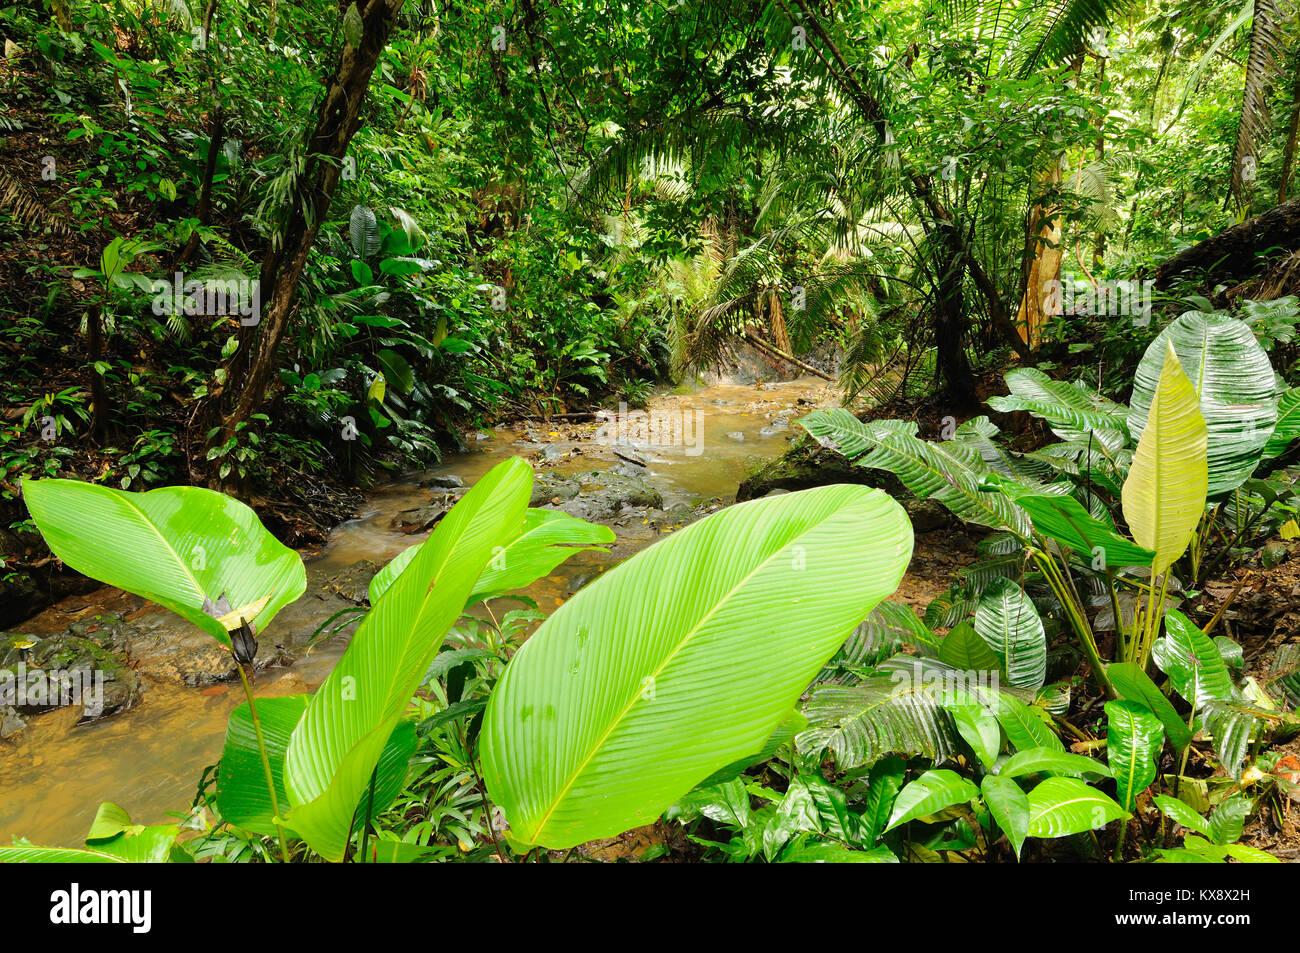 Wild Darien la giungla vicino la Colombia e il Panama confine. America centrale. Immagini Stock